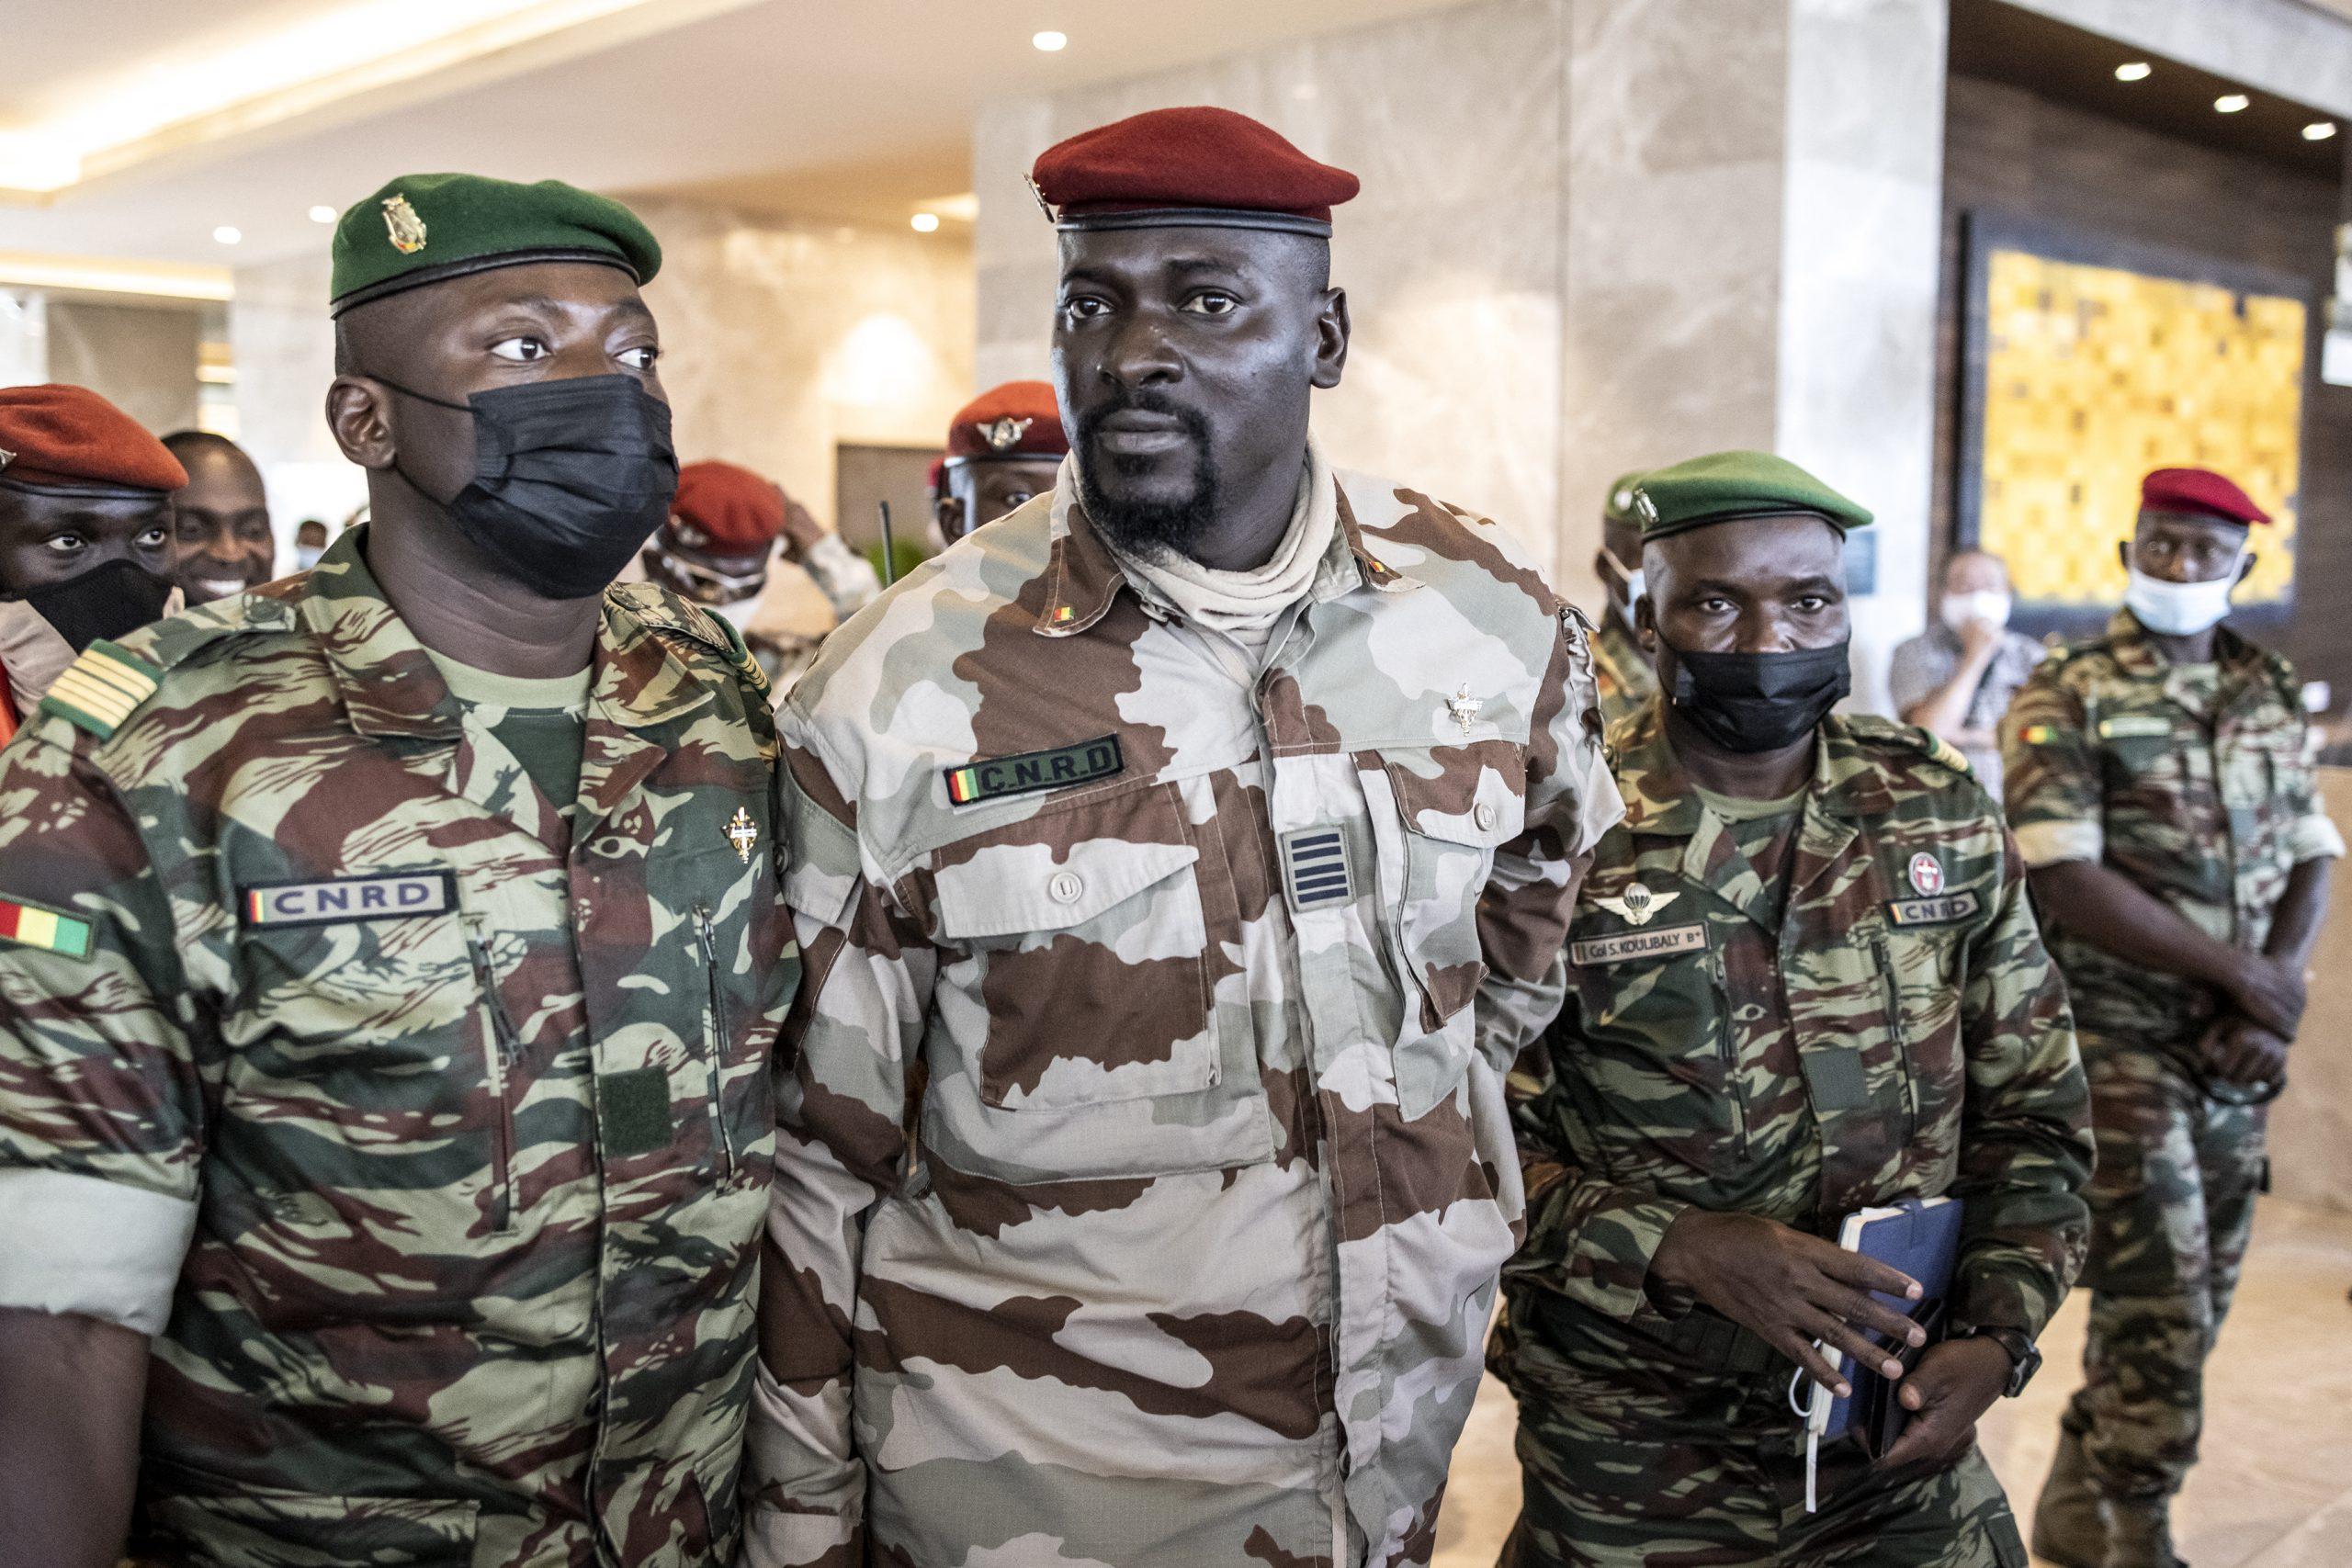 Guinée : Doumbouya caporalise l'armée et le pays